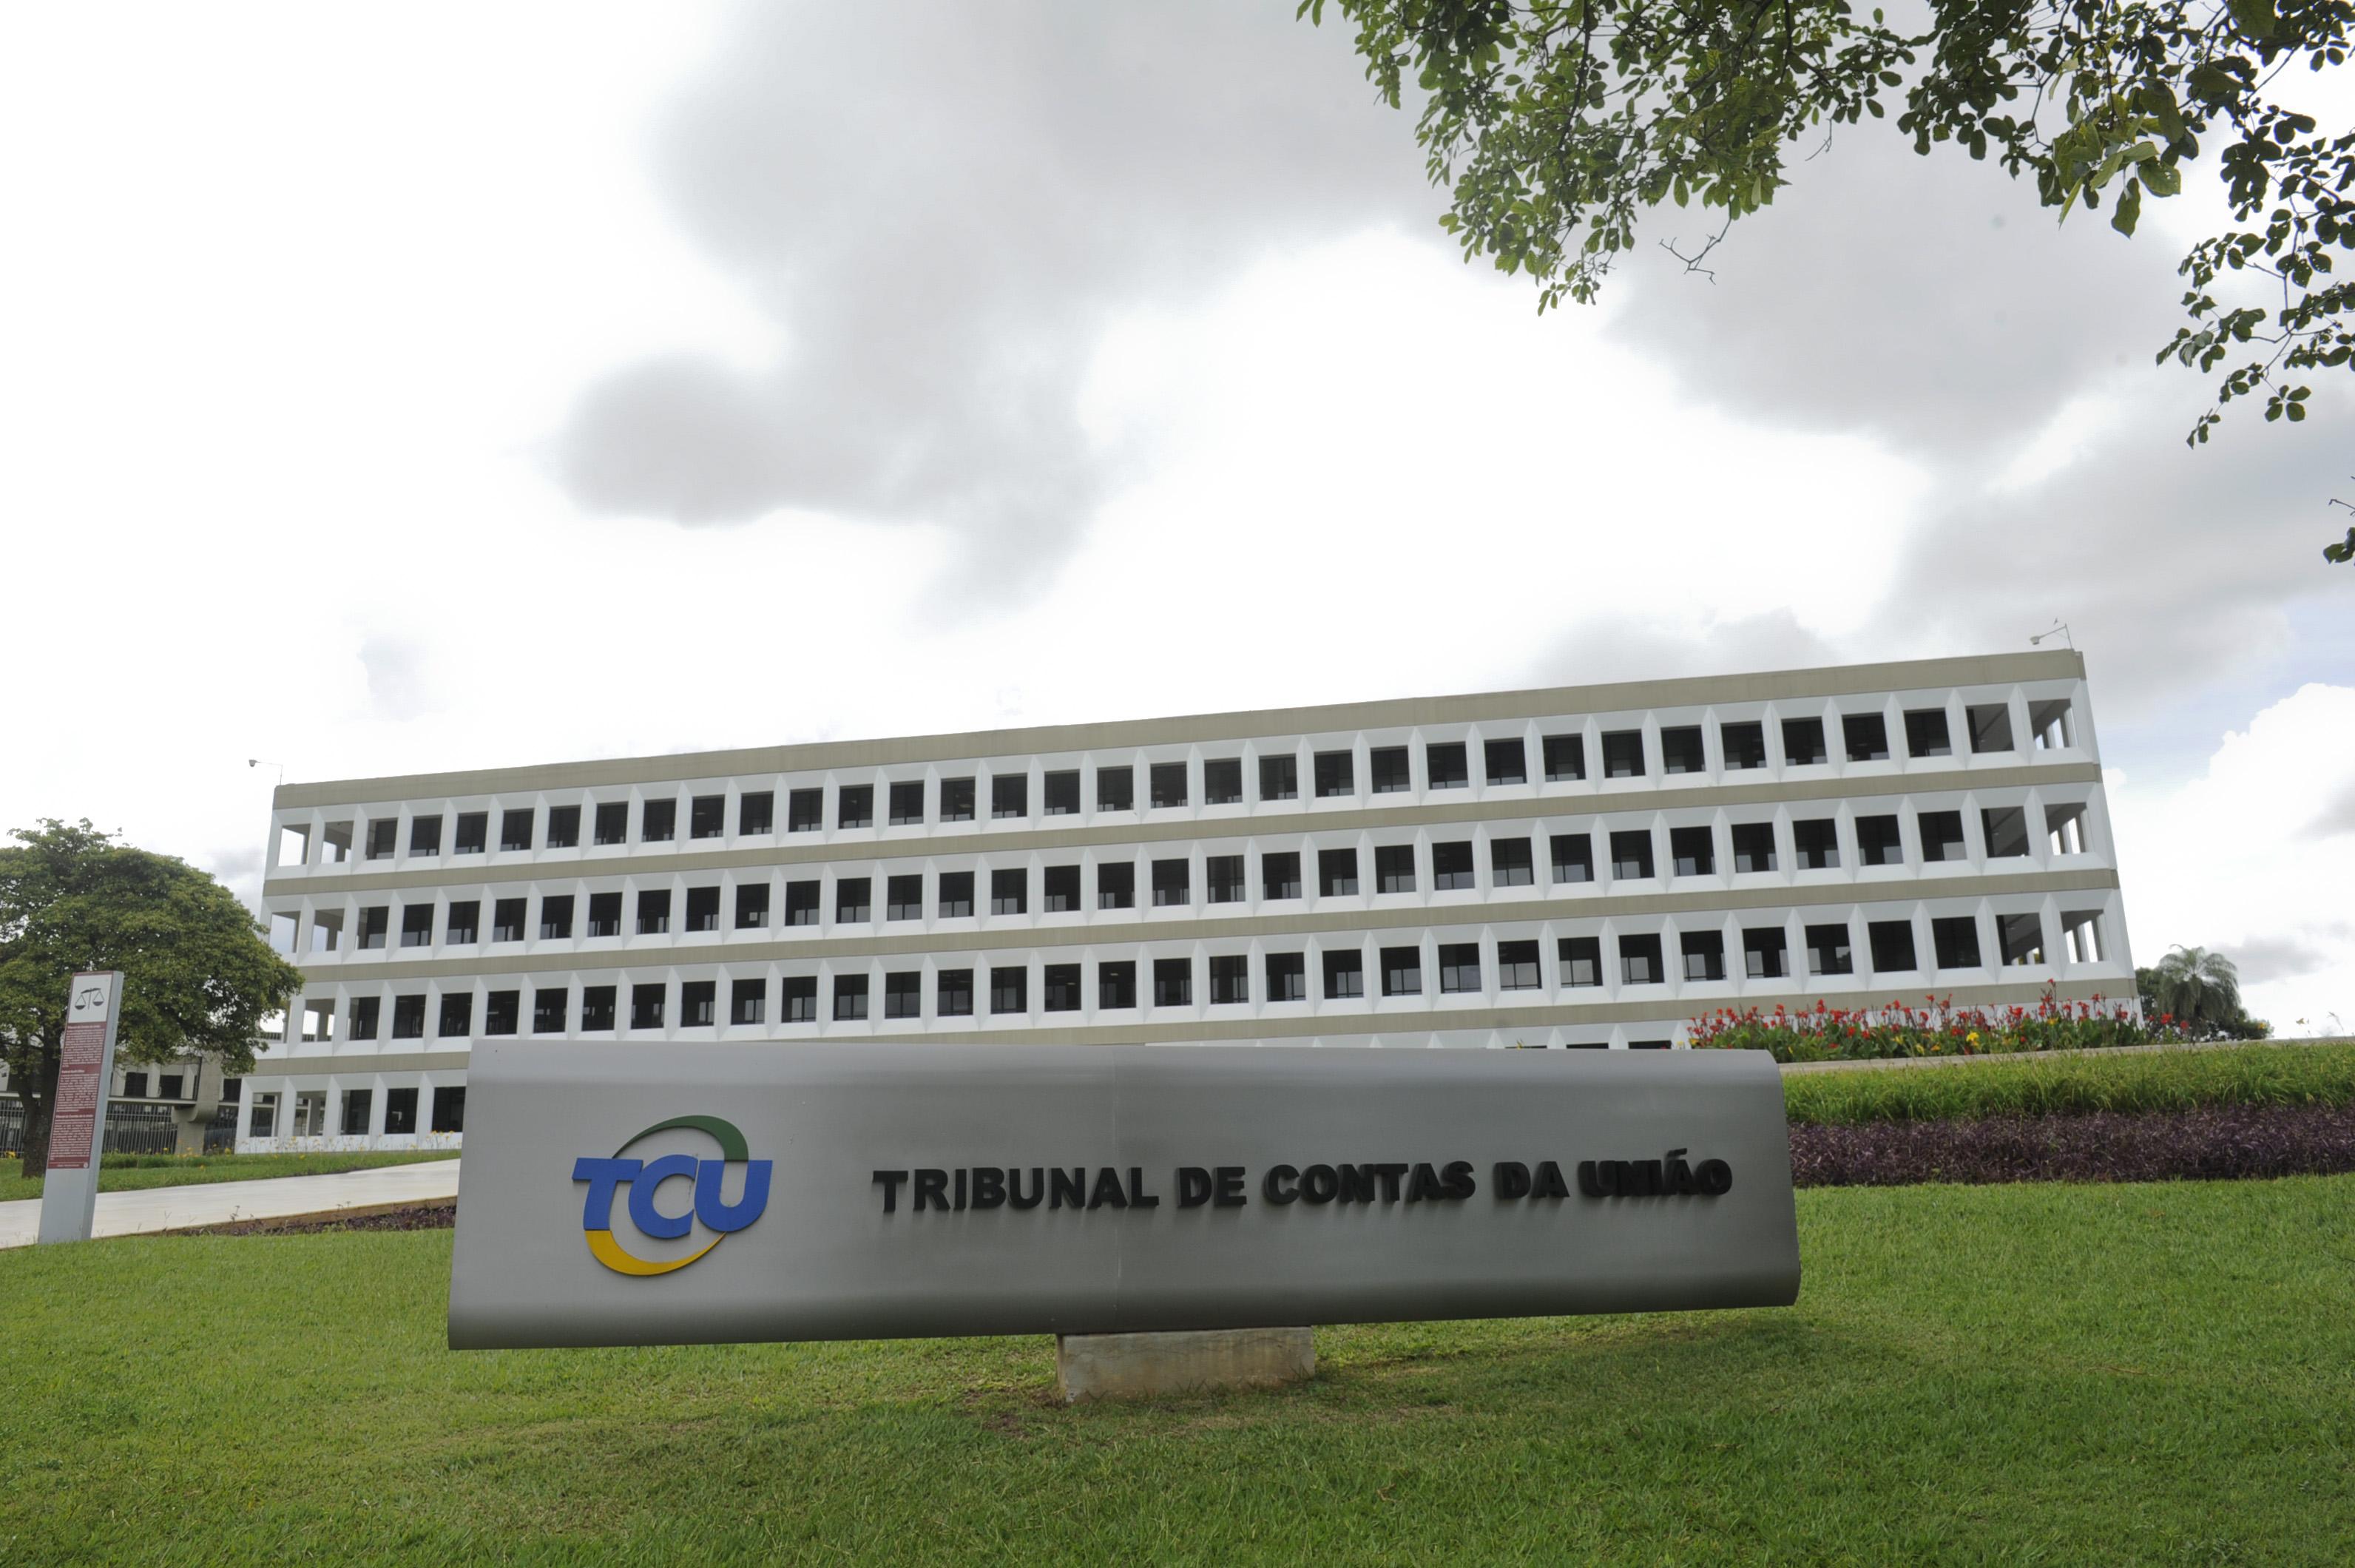 TCU julga pedido de investigação sobre uso da cota parlamentar para financiar atos antidemocráticos